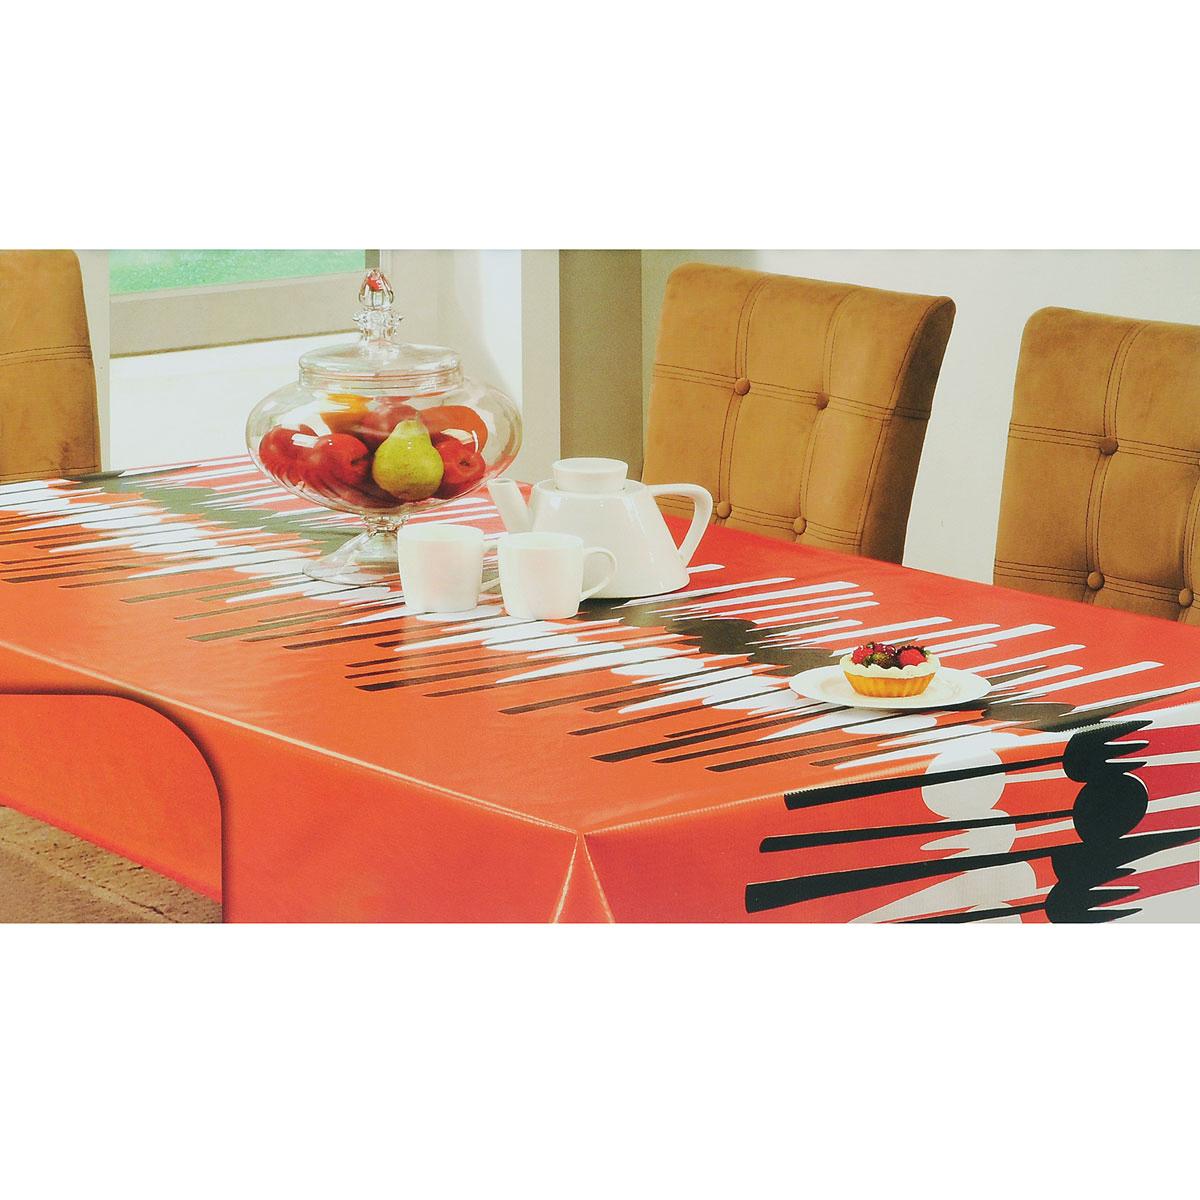 Скатерть White Fox Осень, овальная, цвет: красный, оранжевый, 152  x 228 см скатерти white fox скатерть party standart пвх с основой из флиса 152 228 см